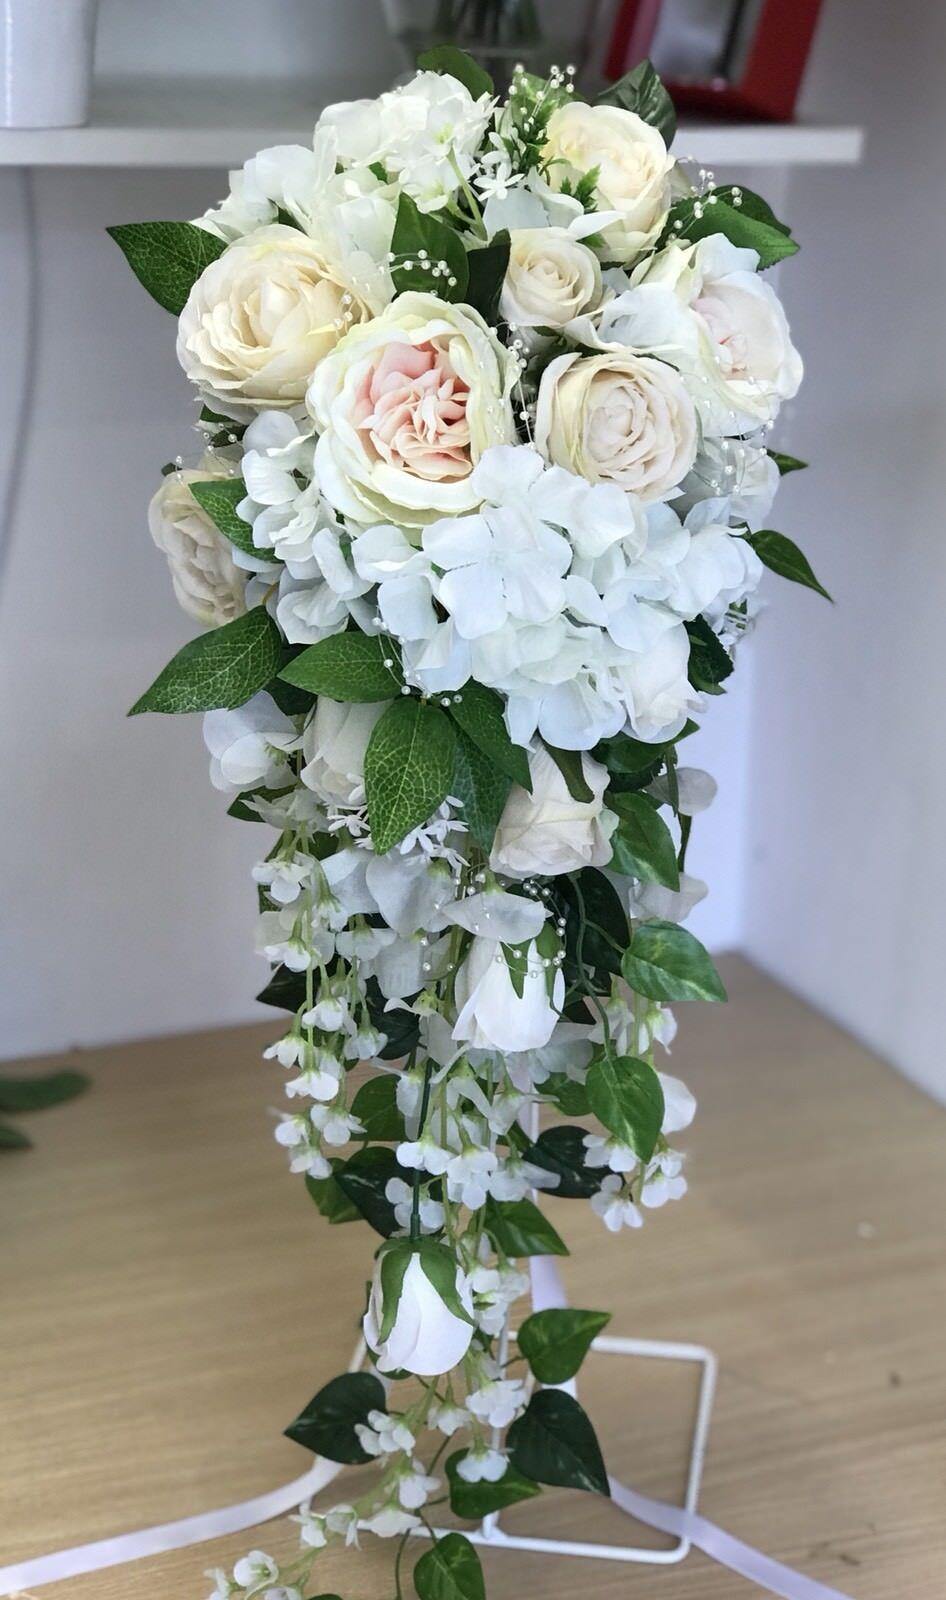 Mariage Fleur nuptiale Larme Bouquet, Vintage Rose Rose Affichage. Grand